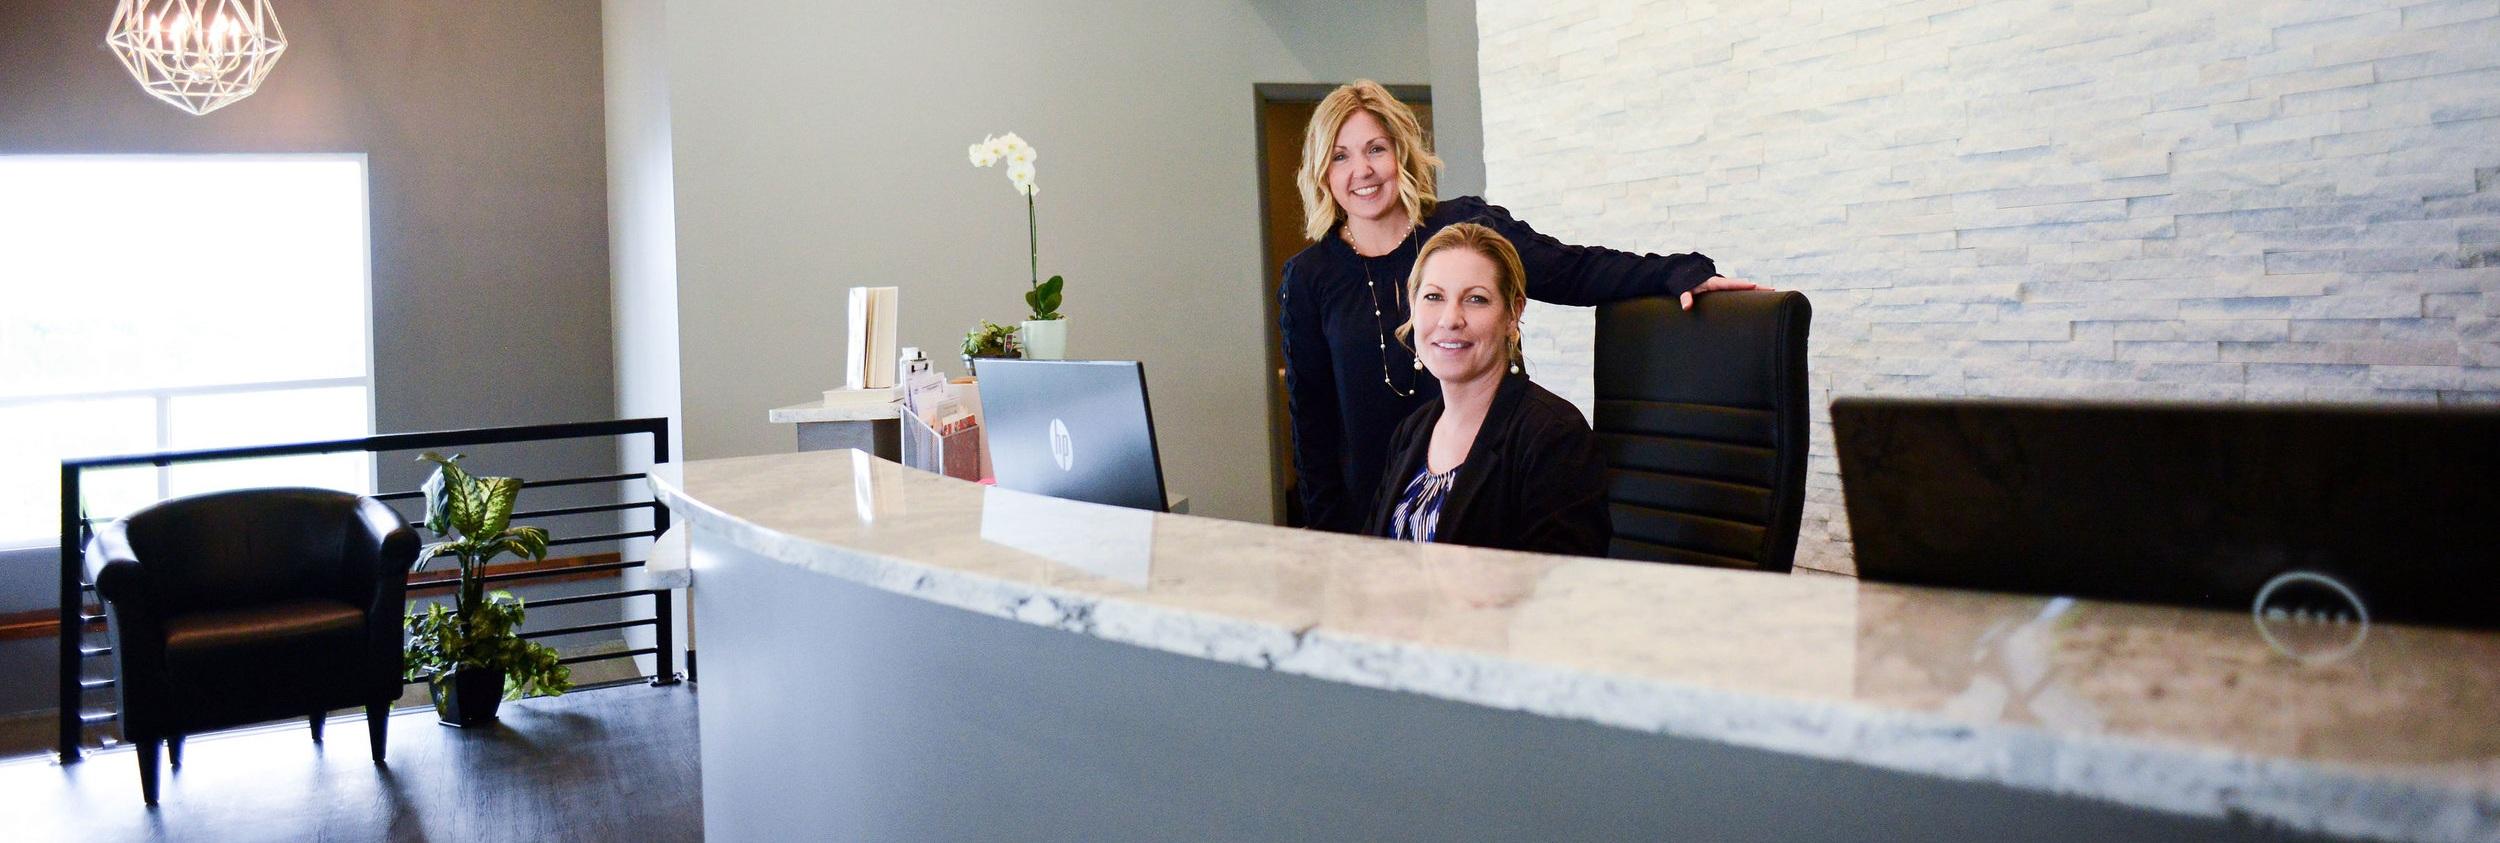 Thriving Thistle Wellness Center Desk